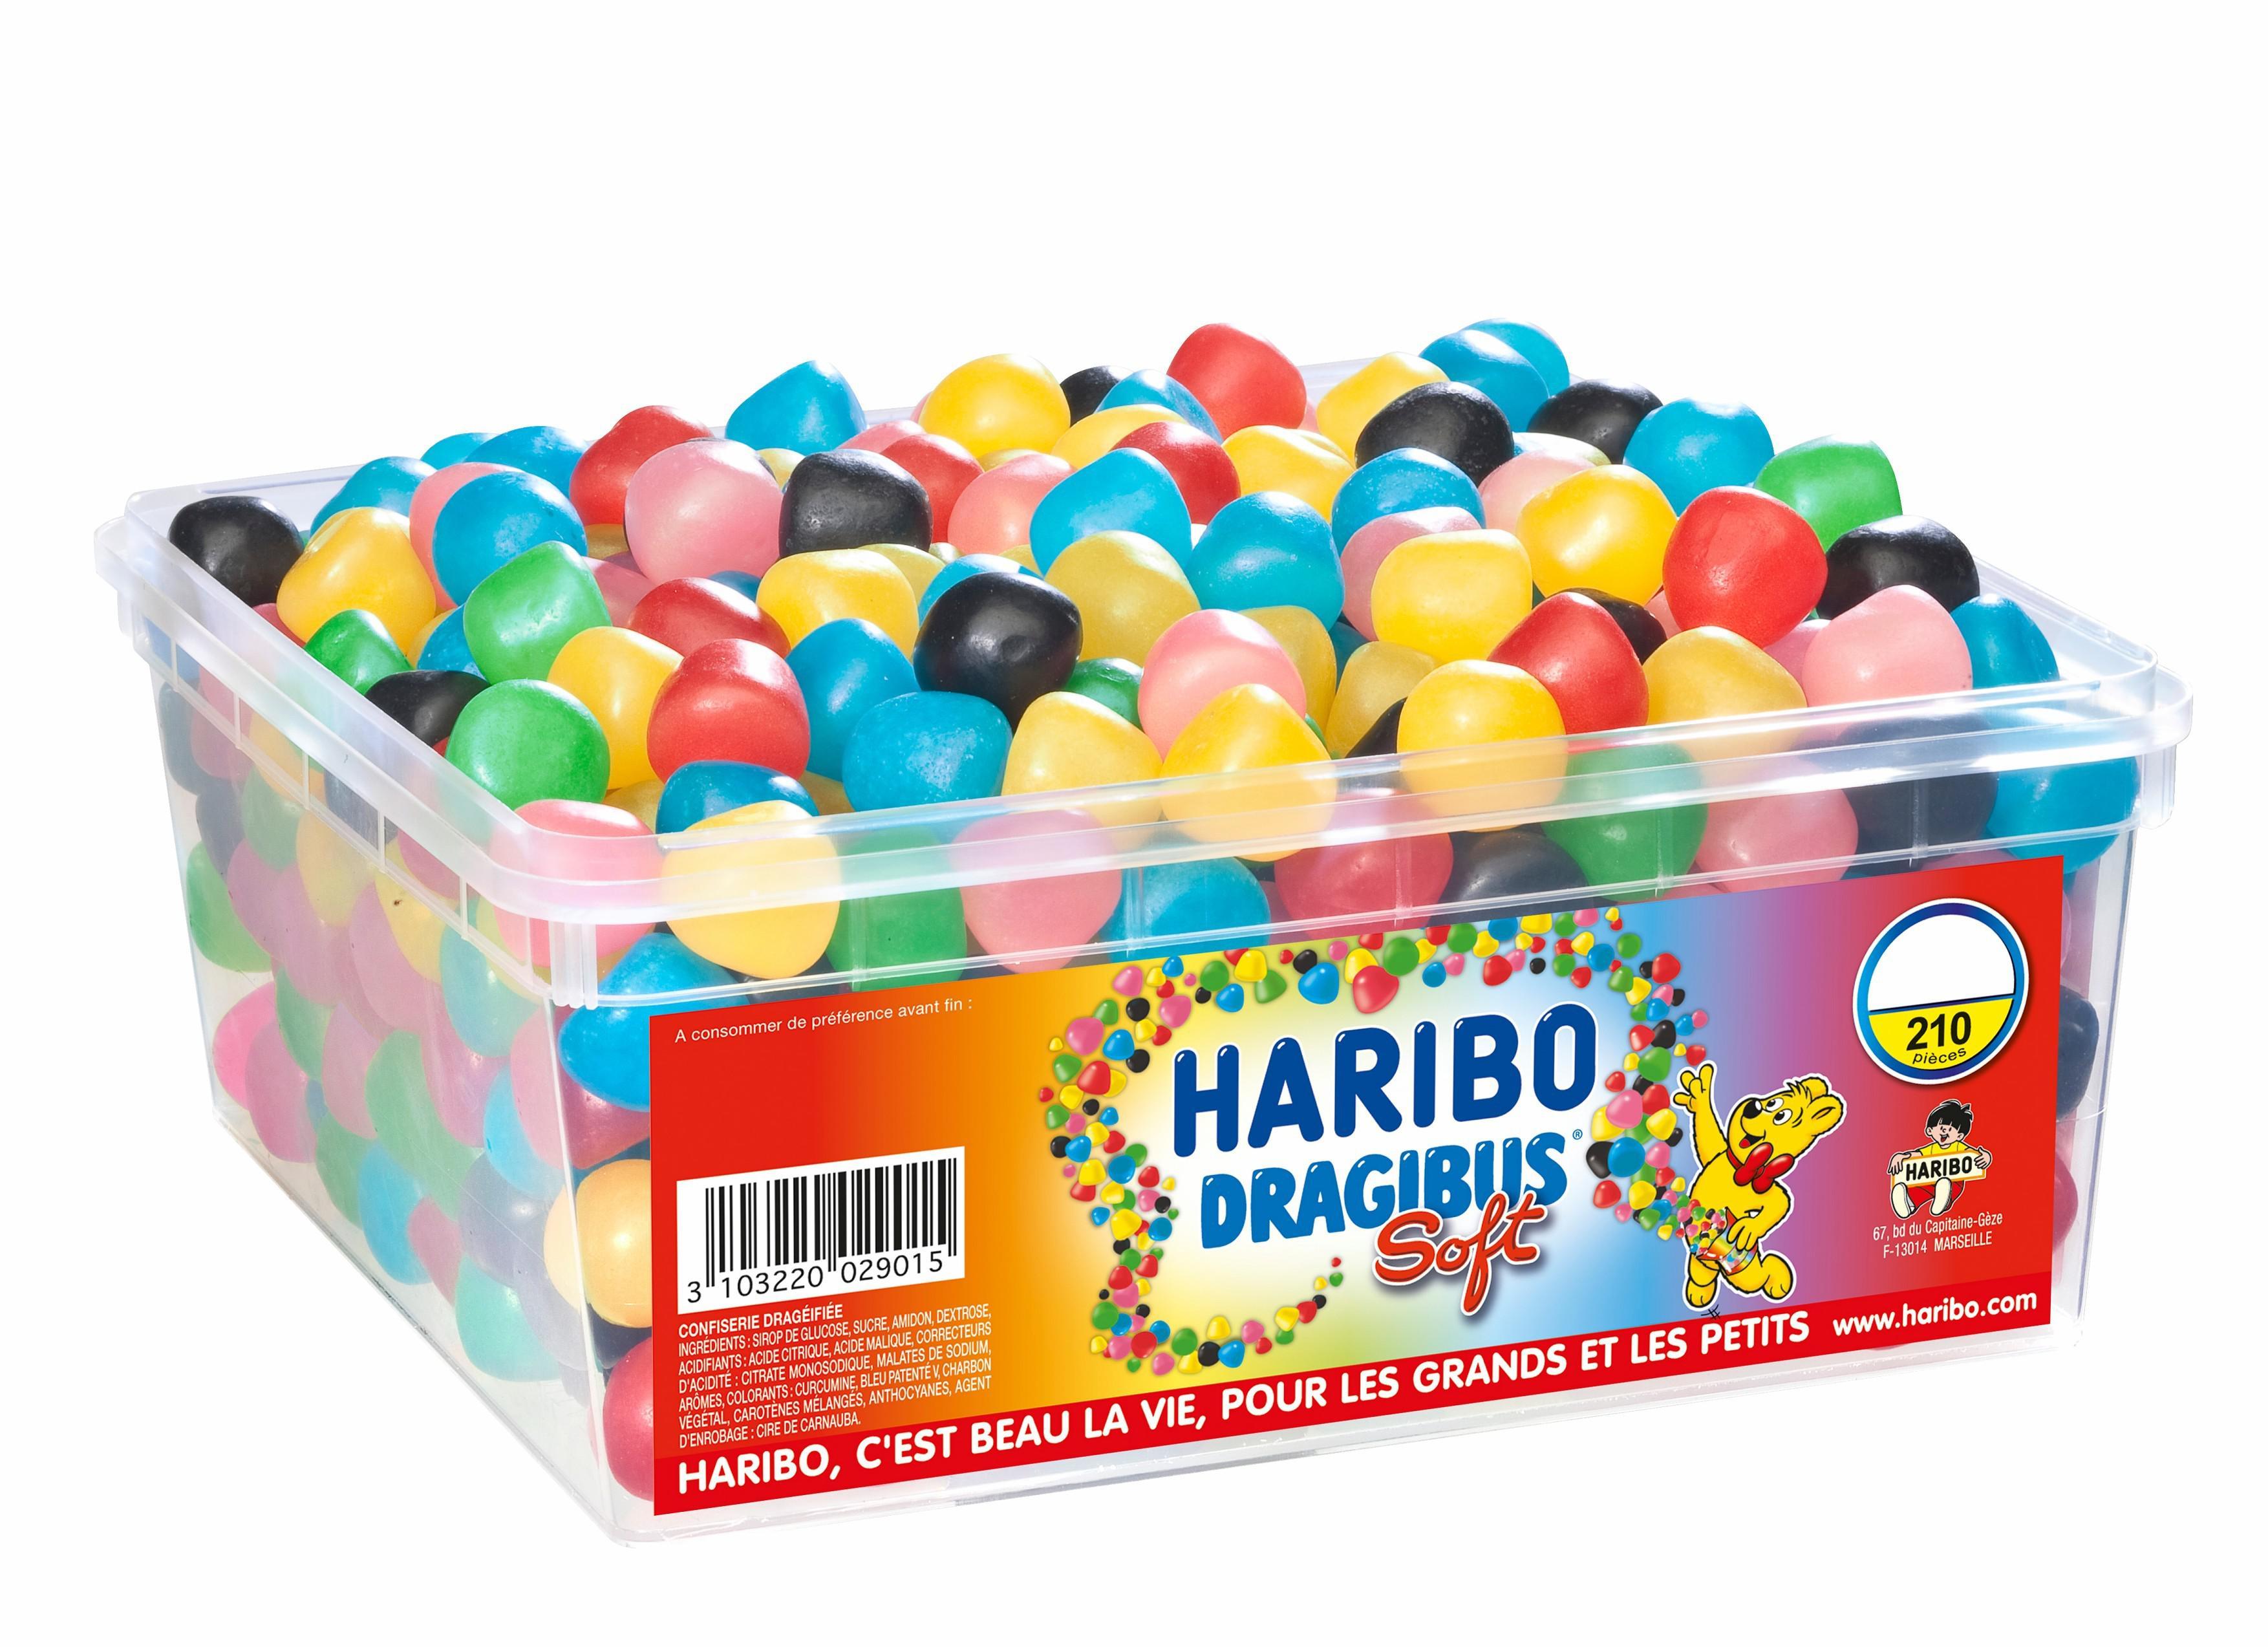 Promotions sur les bonbons Haribo - Ex : Boite de 210 Dragibus Soft